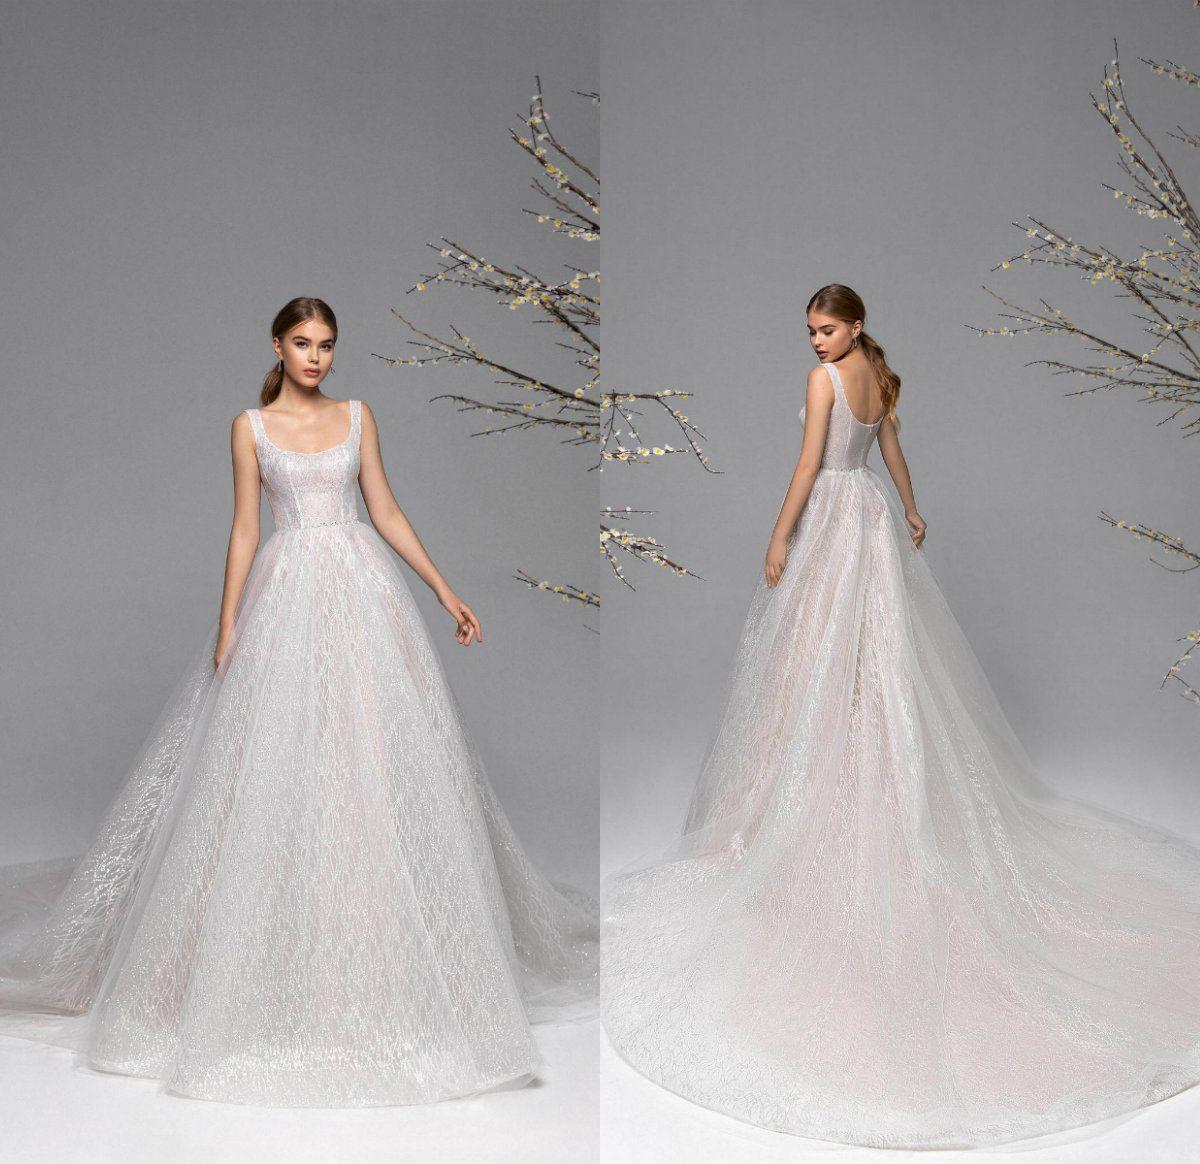 2021 Fashion Brautkleider quadratischen Ausschnitt Backless Brautkleider nach Maß Spitzeapplique-Pailletten-Schleife-Zug A-Line Brautkleid